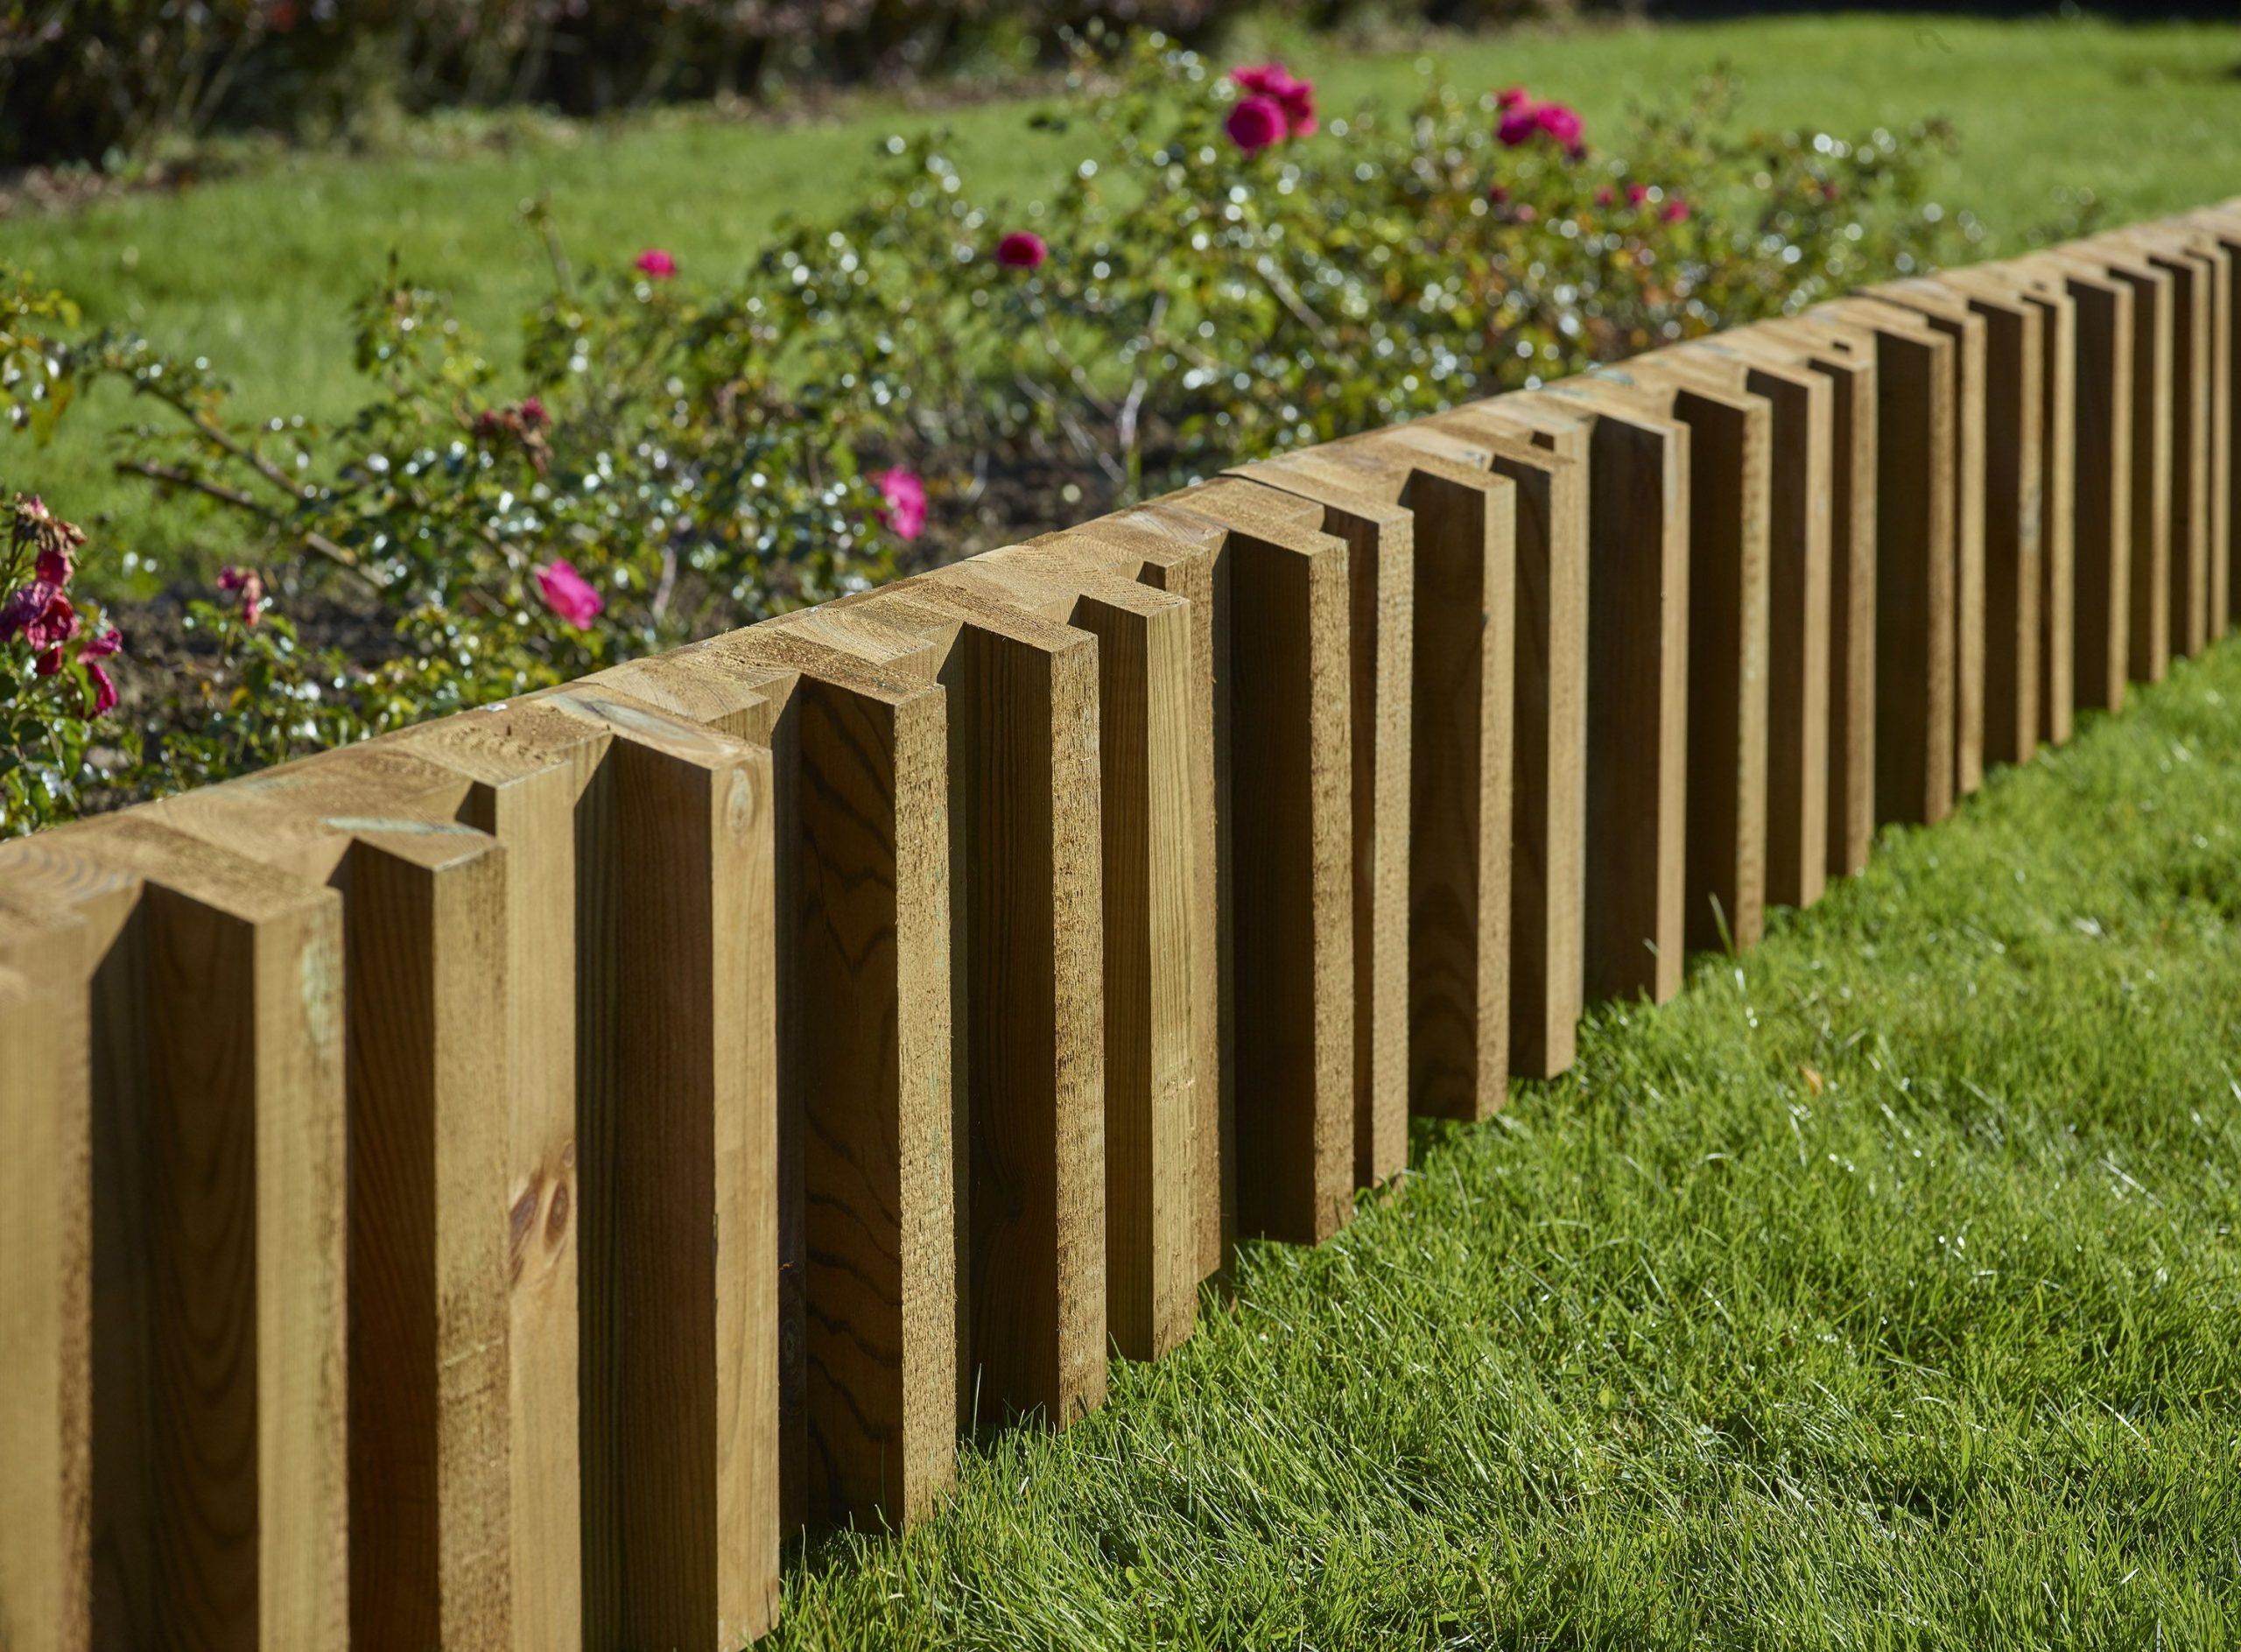 Bordure En Bois Design Et Tendance Pour Votre Jardin ... intérieur Bordure Jardin Bois